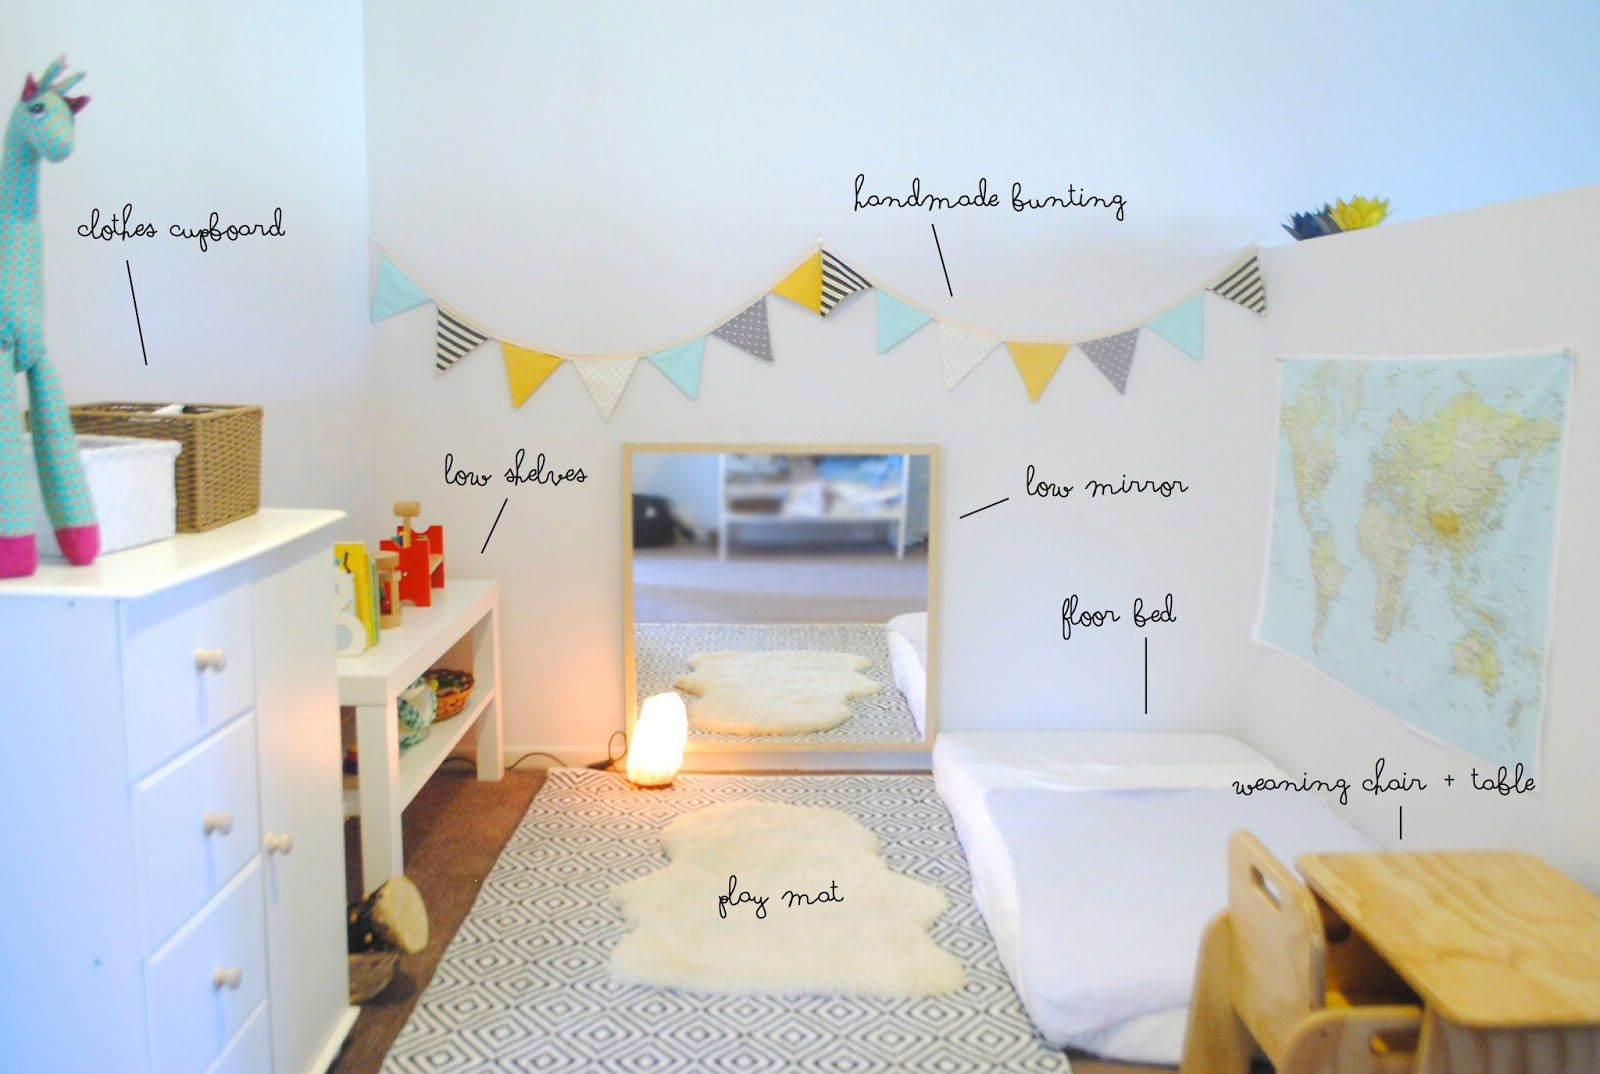 Resultado de imagem para montessori room ideas